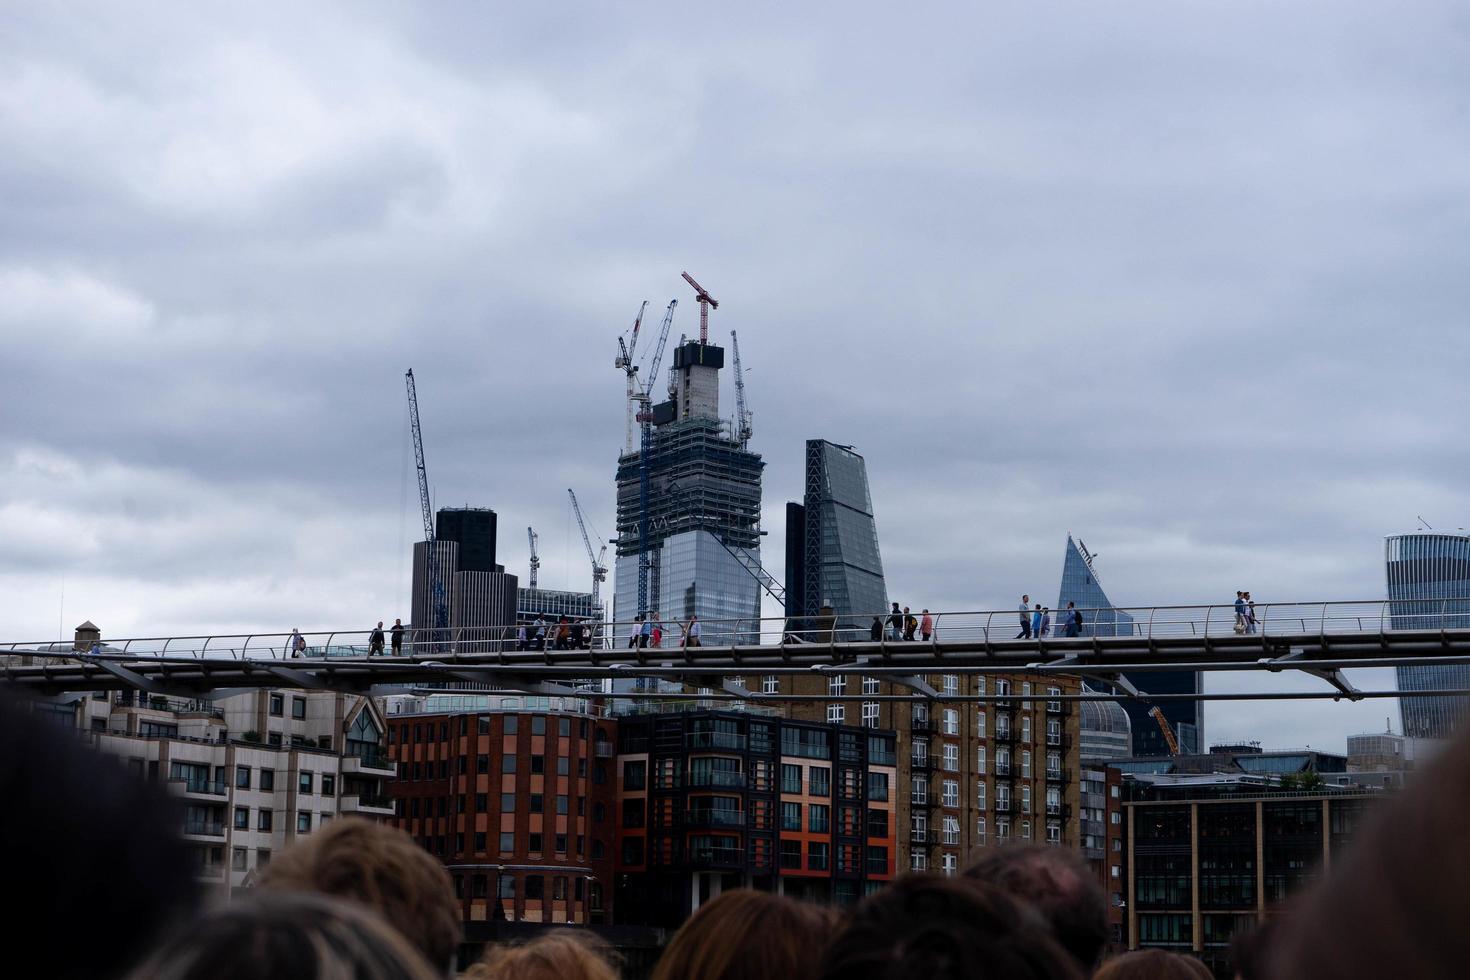 Londres, Angleterre, 2020 - construction sur des bâtiments de la ville photo